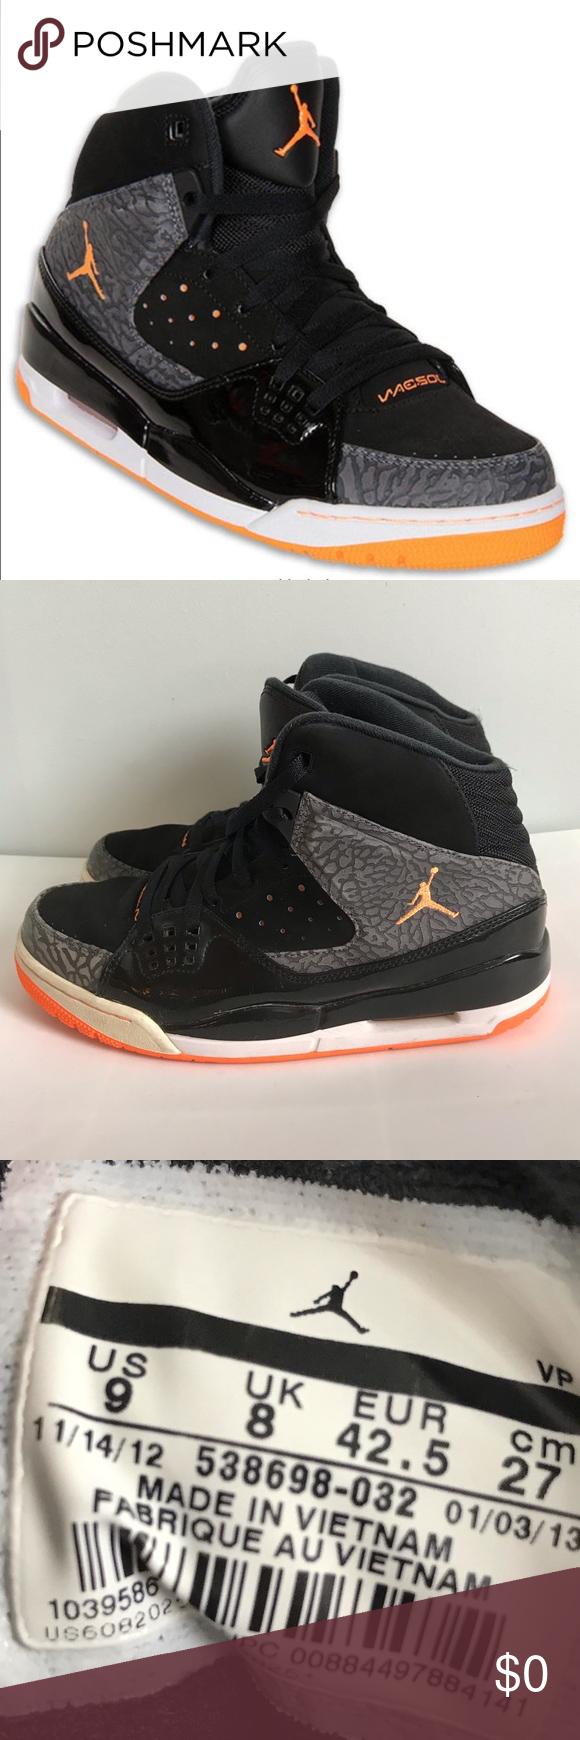 06790207a76c73 Nike Air Jordan Flight 23 Shoes Size 9 Nike Air Jordan Flight 23 SC 1  Basketball